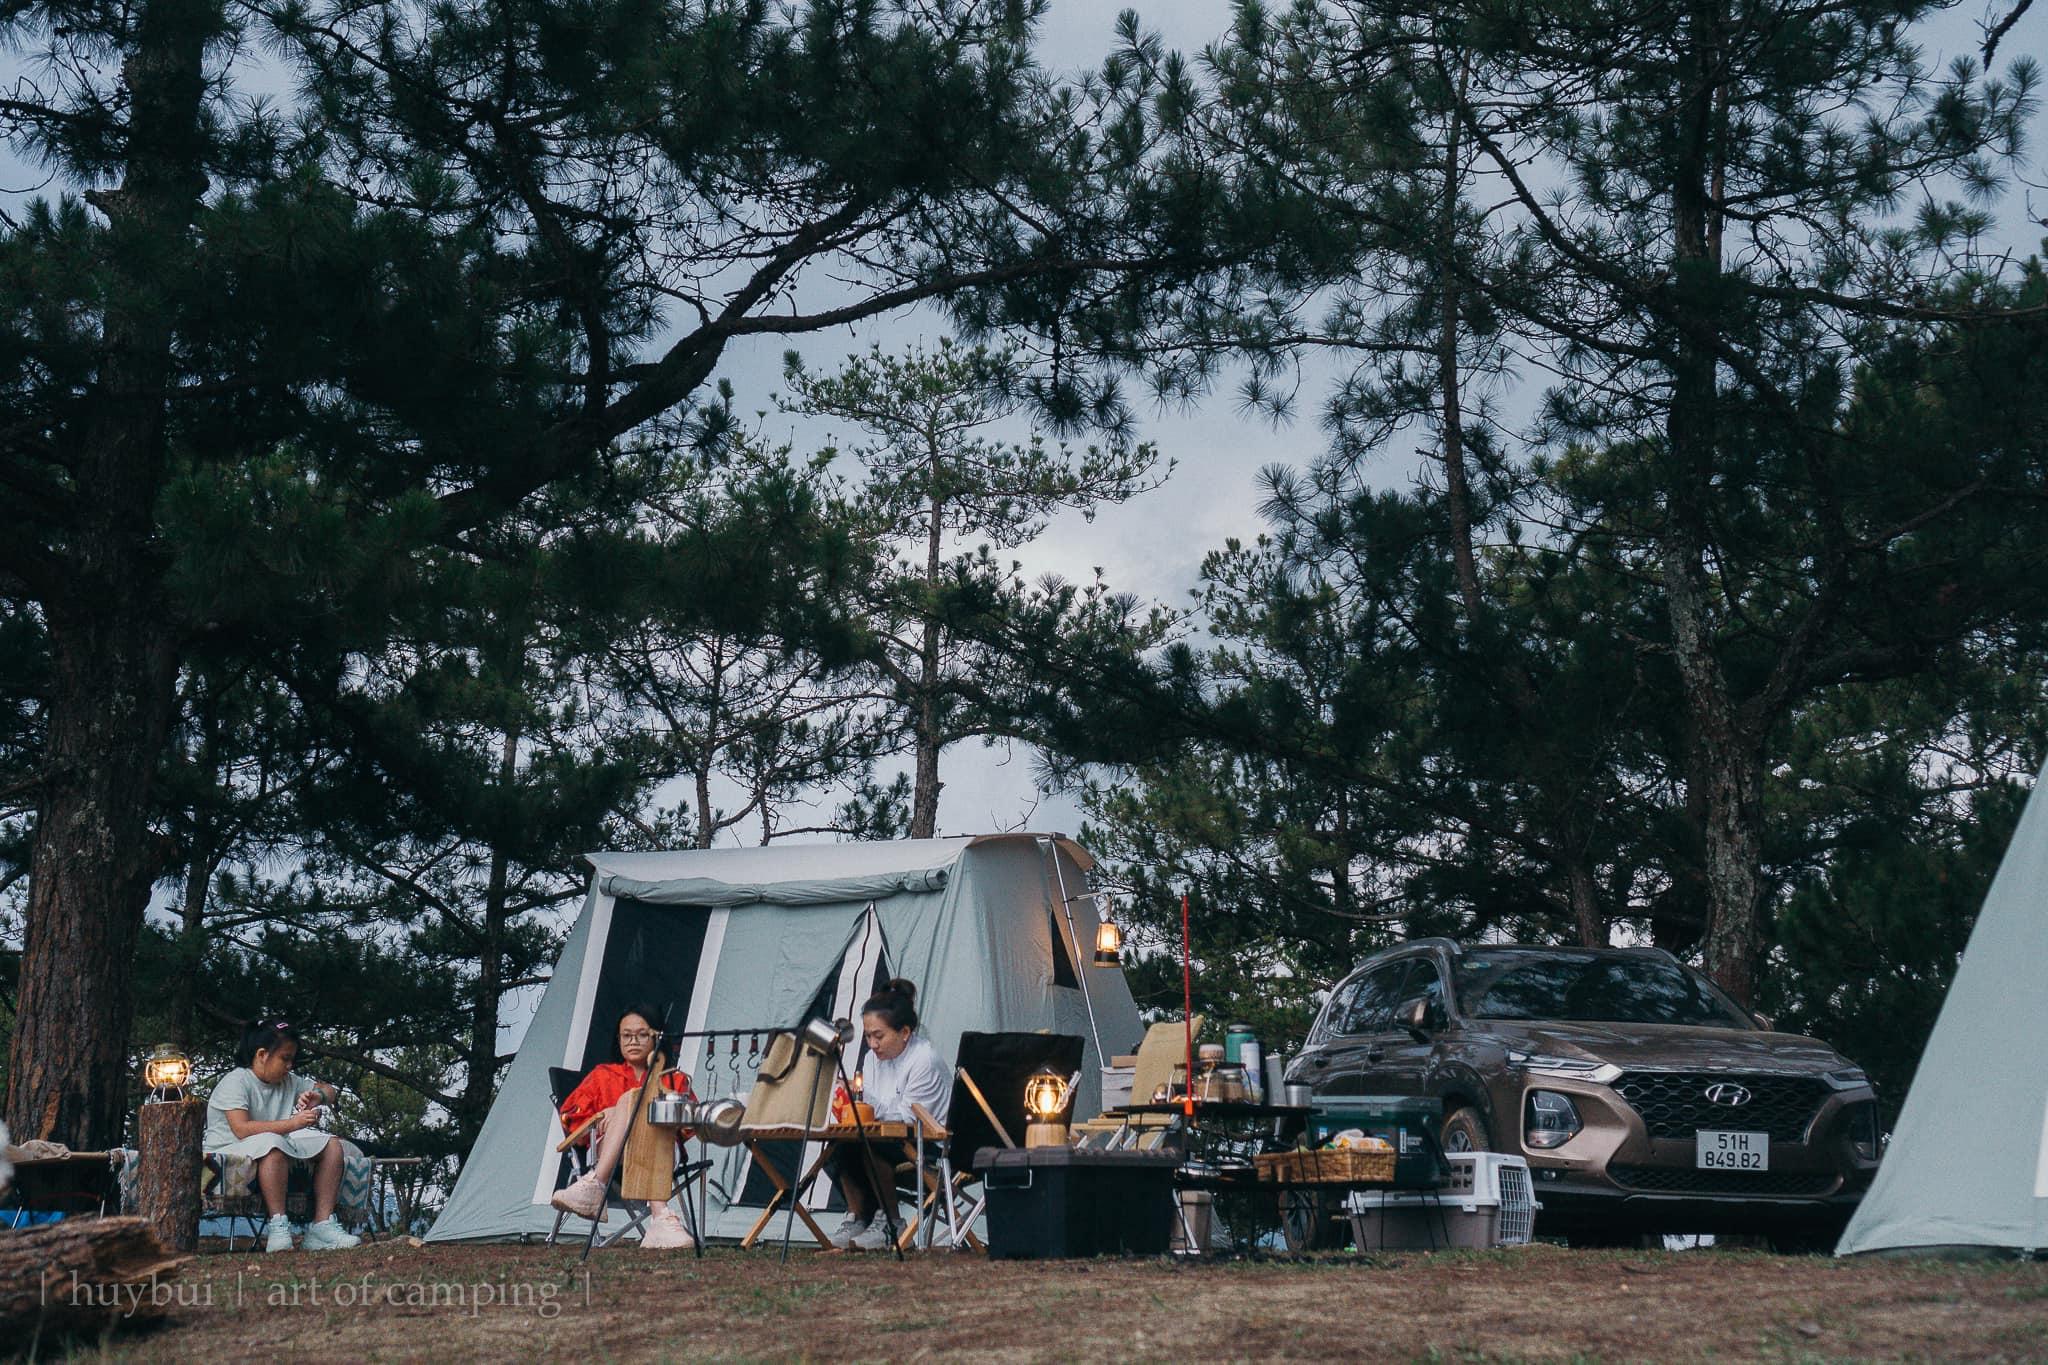 Muốn đi cắm trại từ núi non đến ven biển trong phạm vi 300km, chẳng thể bỏ lỡ những địa danh vô cùng đẹp, các camper nên chinh phục 1 lần - Ảnh 24.